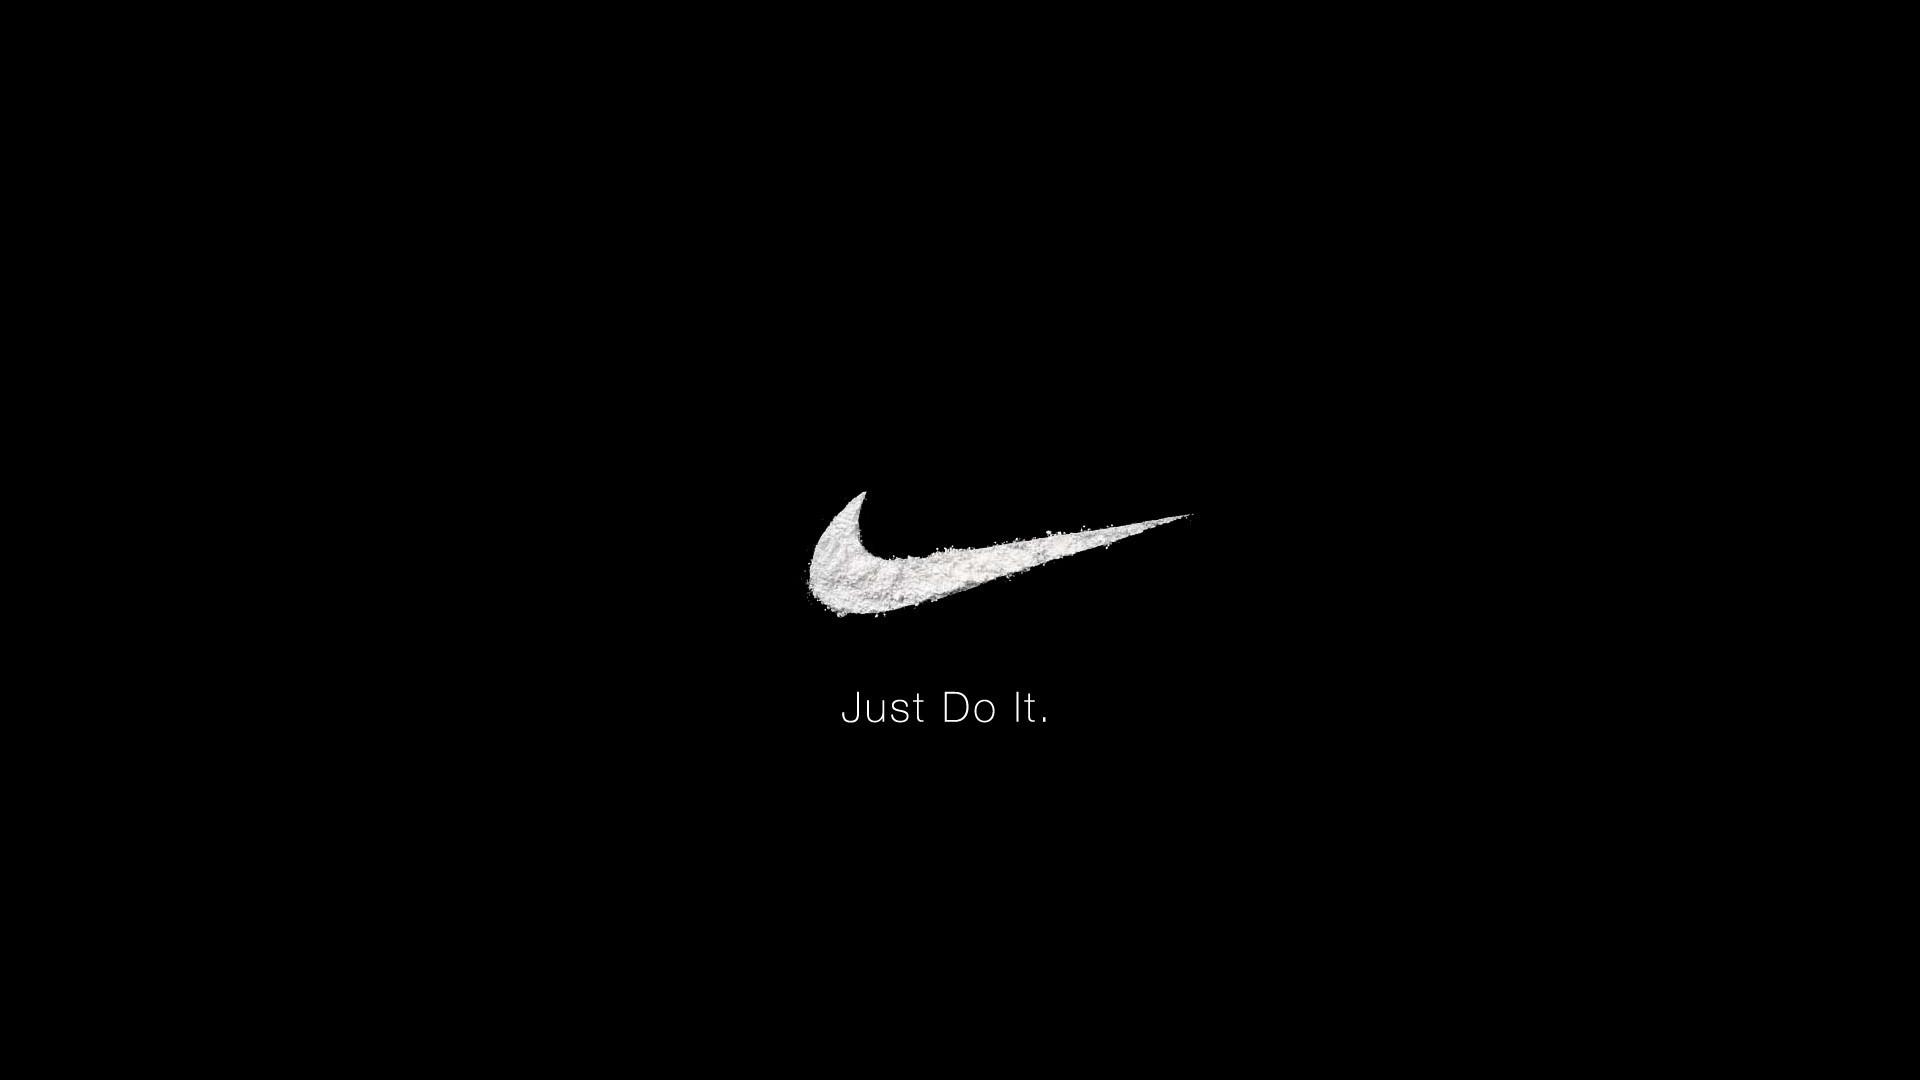 Golf Wallpaper Hd Nike Logo Wallpapers Hd 2015 Free Download Pixelstalk Net